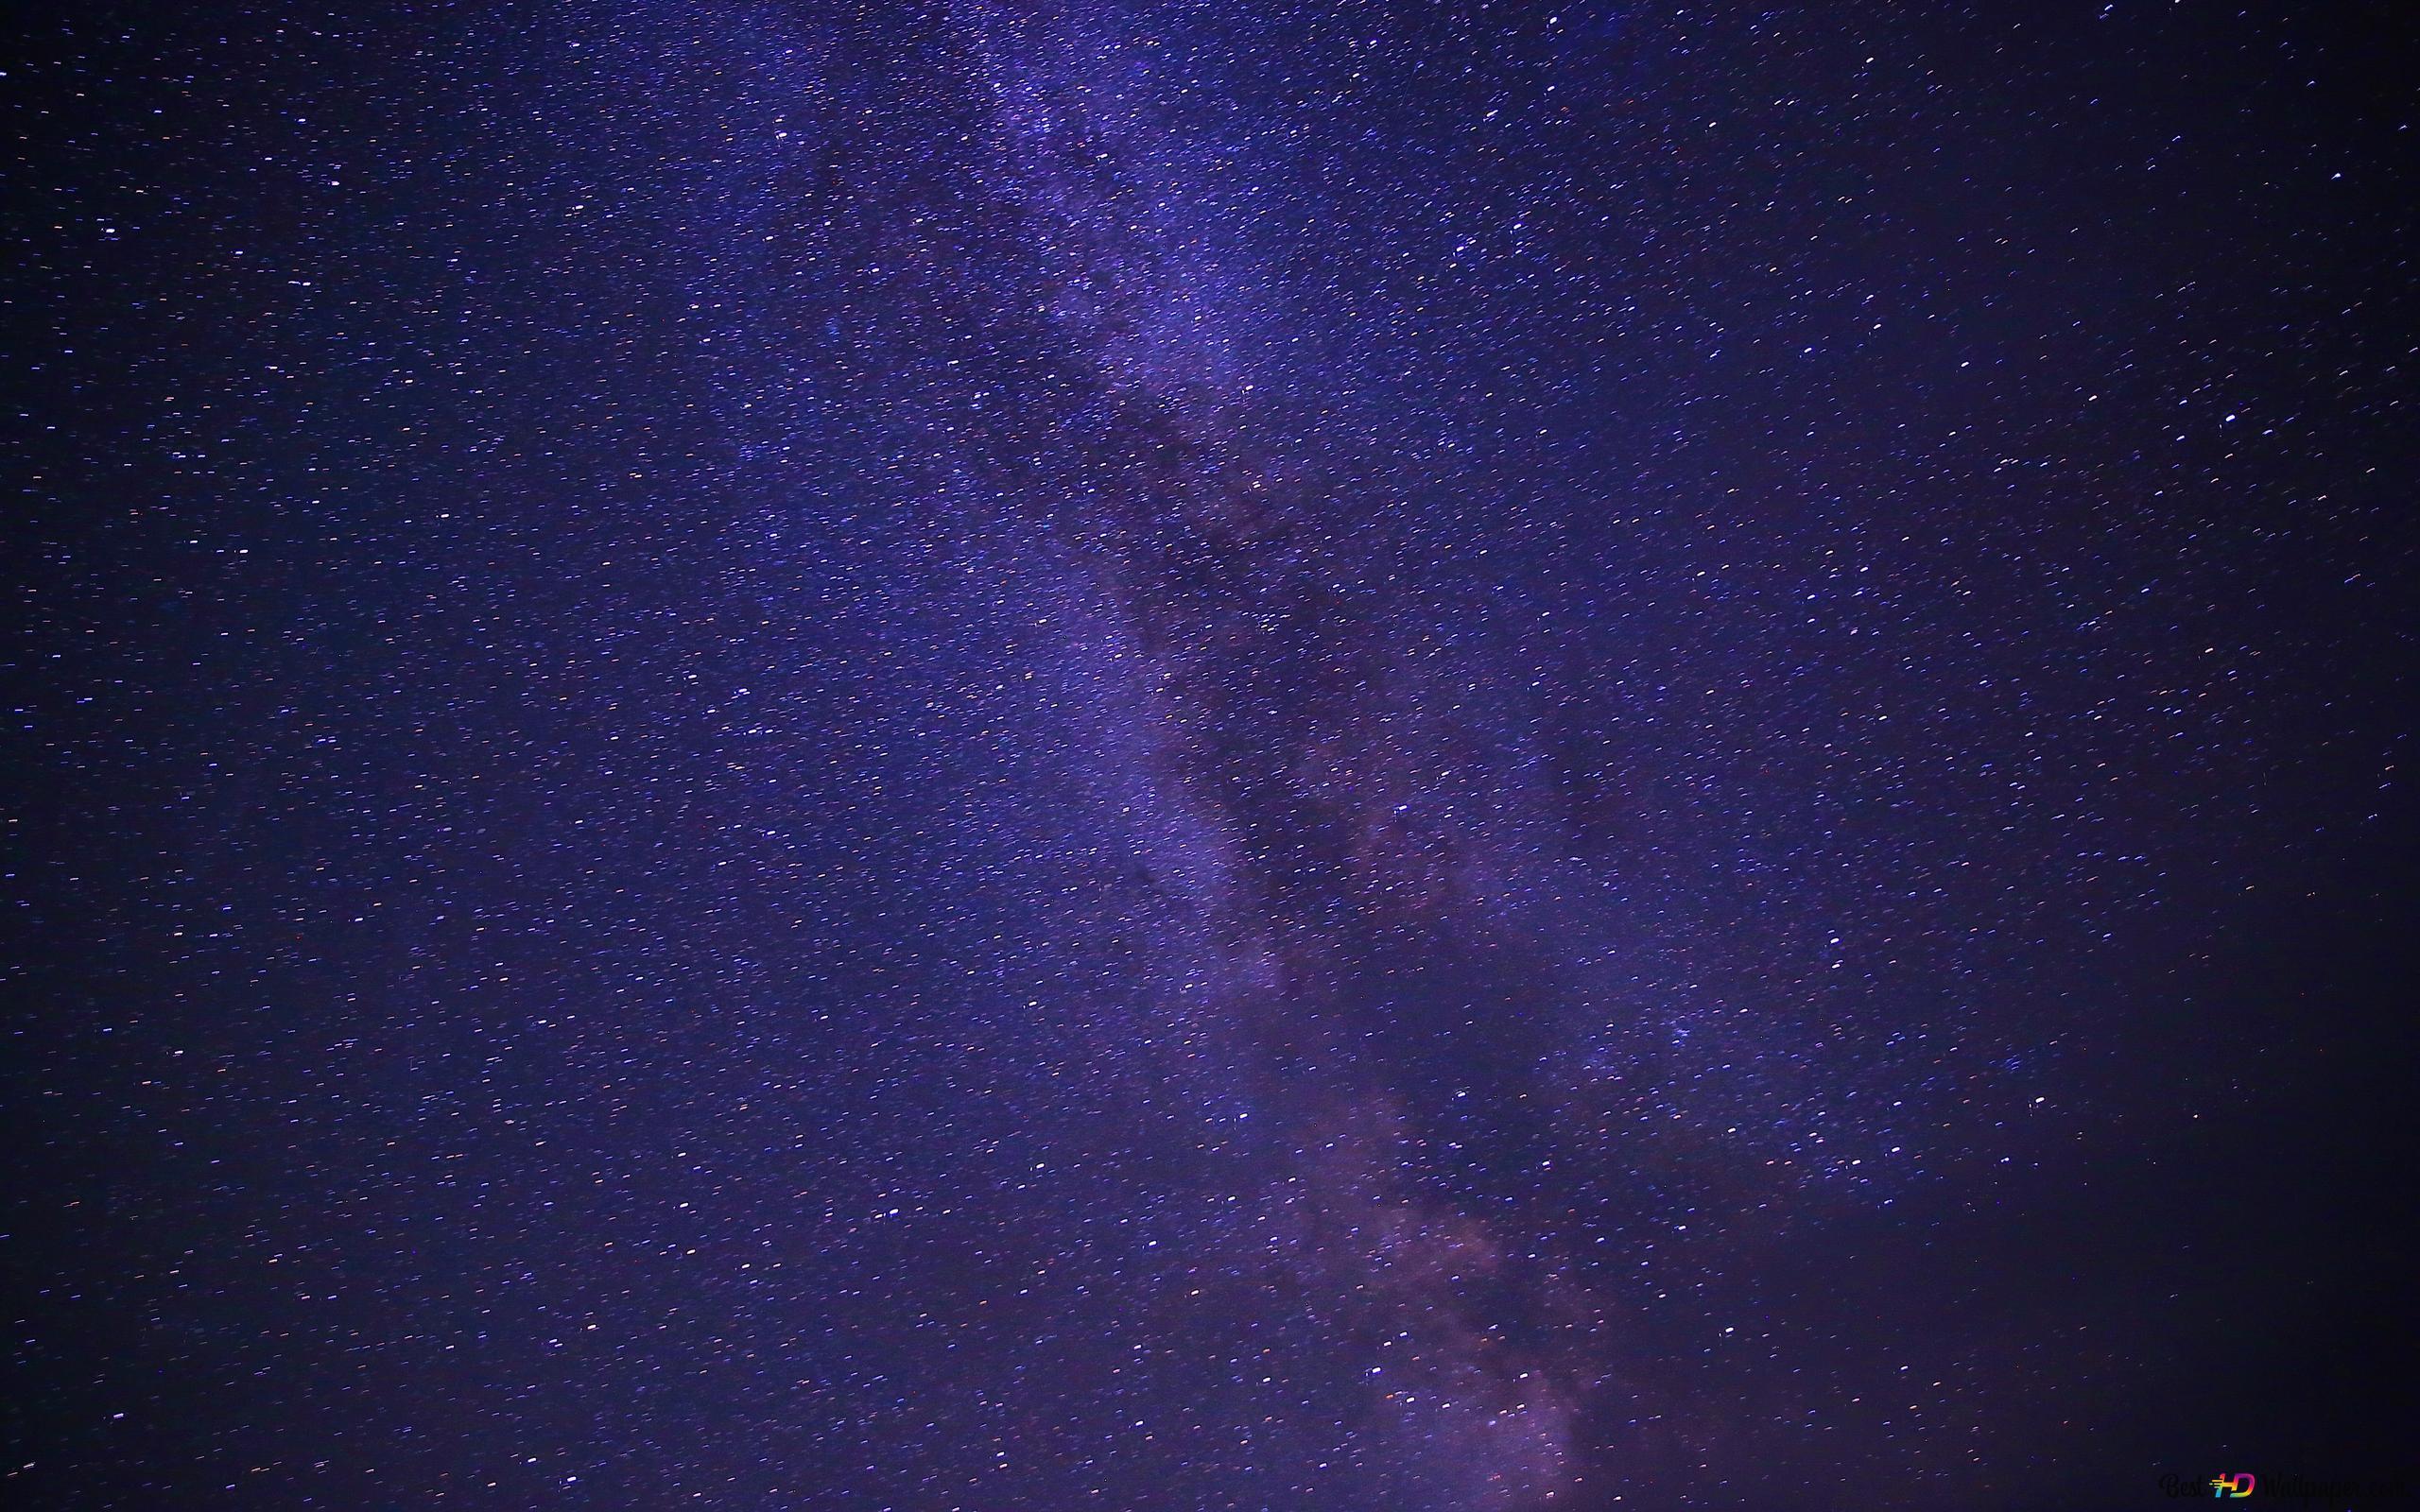 Miliardi Di Stelle Nel Cielo Notturno Download Di Sfondi Hd